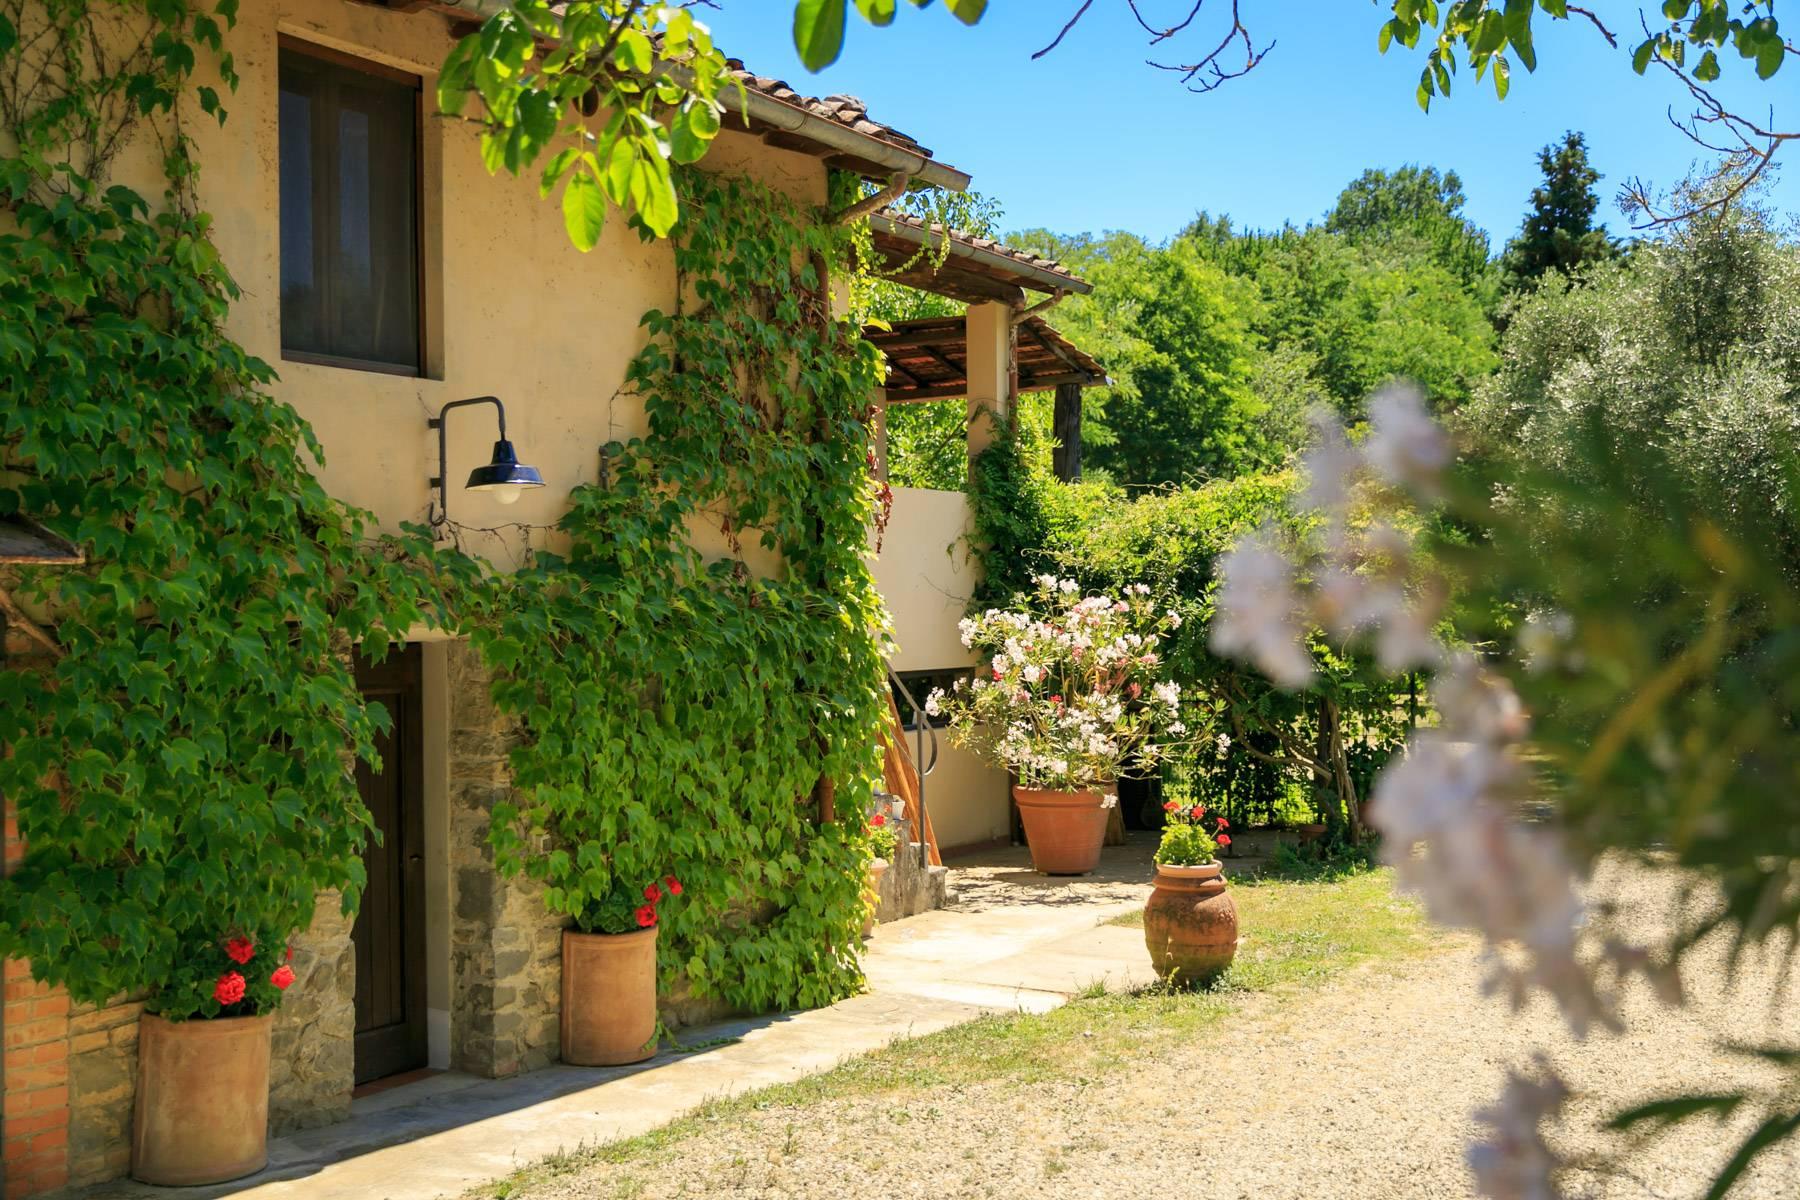 Rustico in Vendita a Terranuova Bracciolini: 5 locali, 875 mq - Foto 4